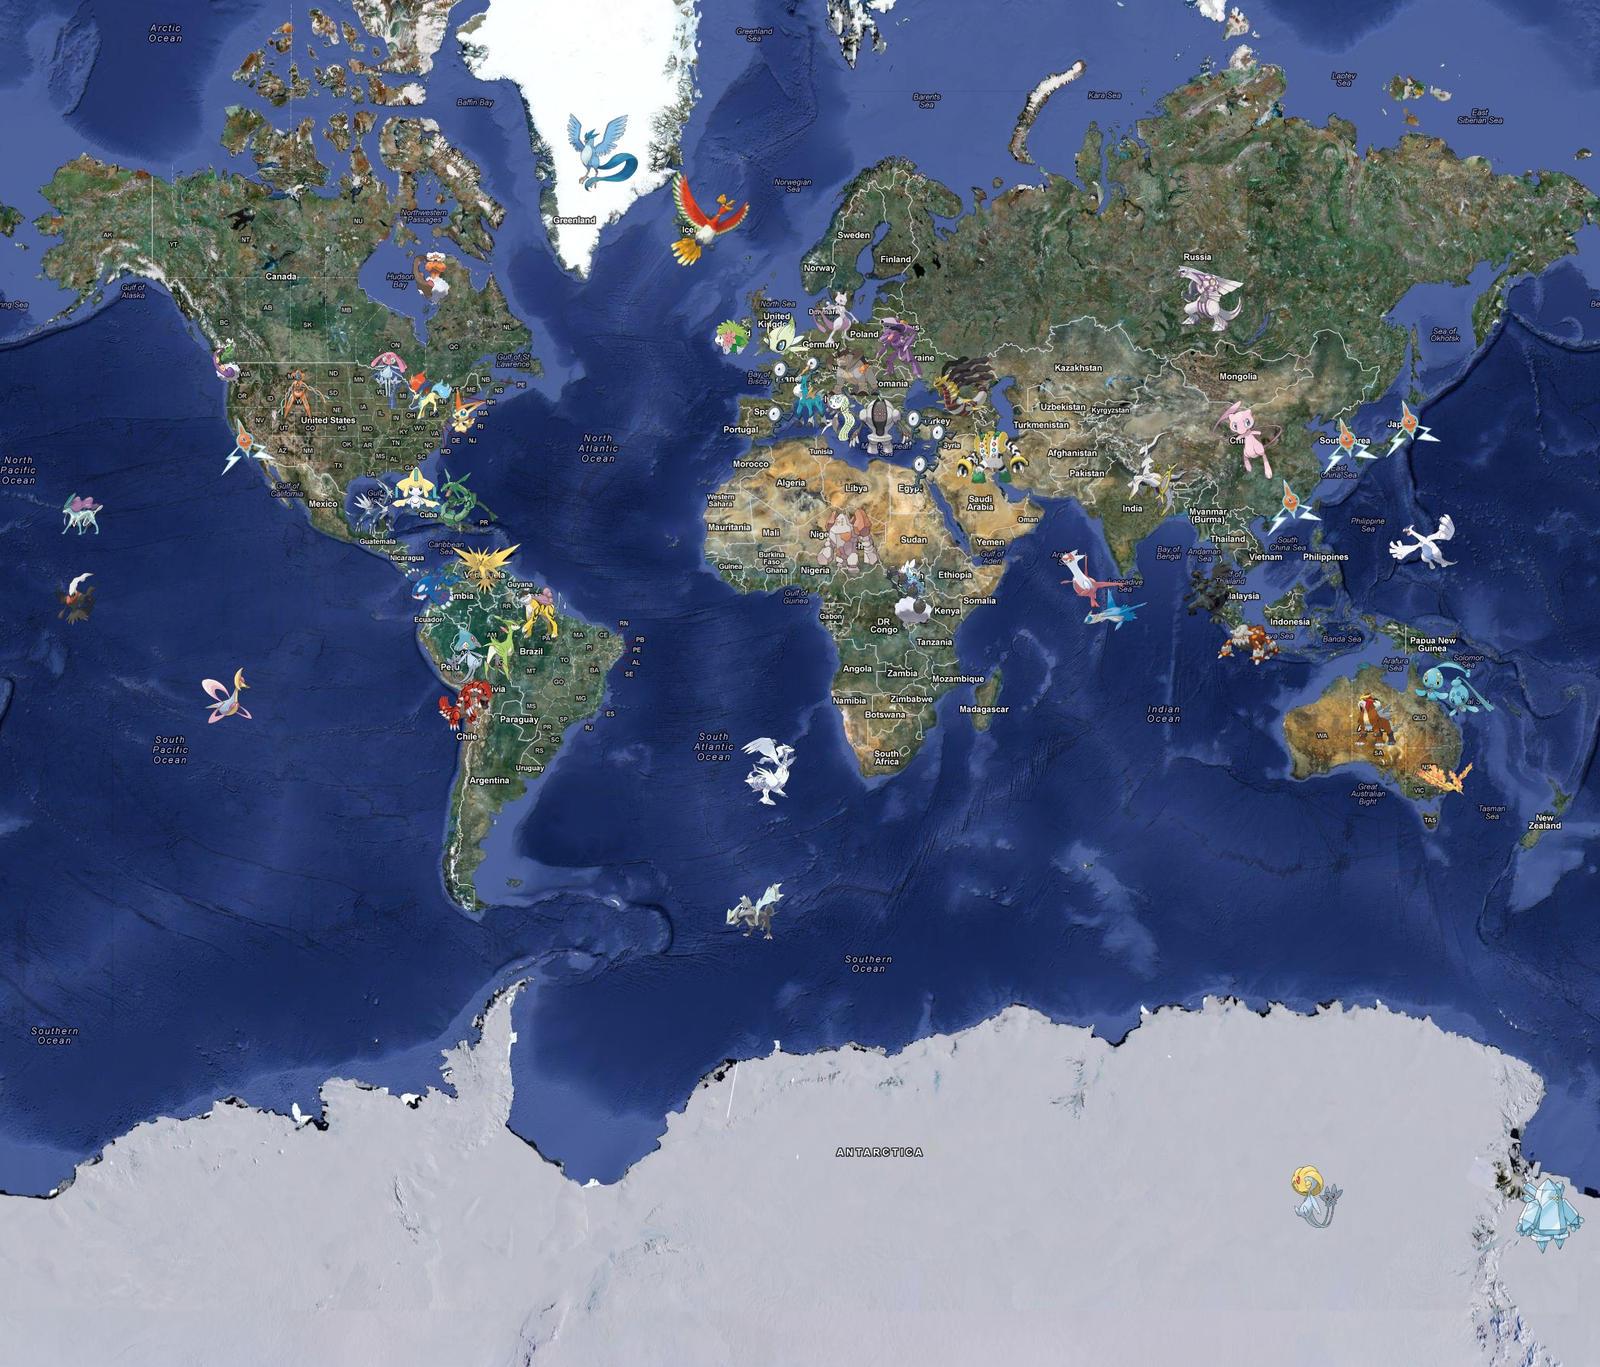 Legendary Pokemon Of The World Full Map By LDA On DeviantArt - Full world map